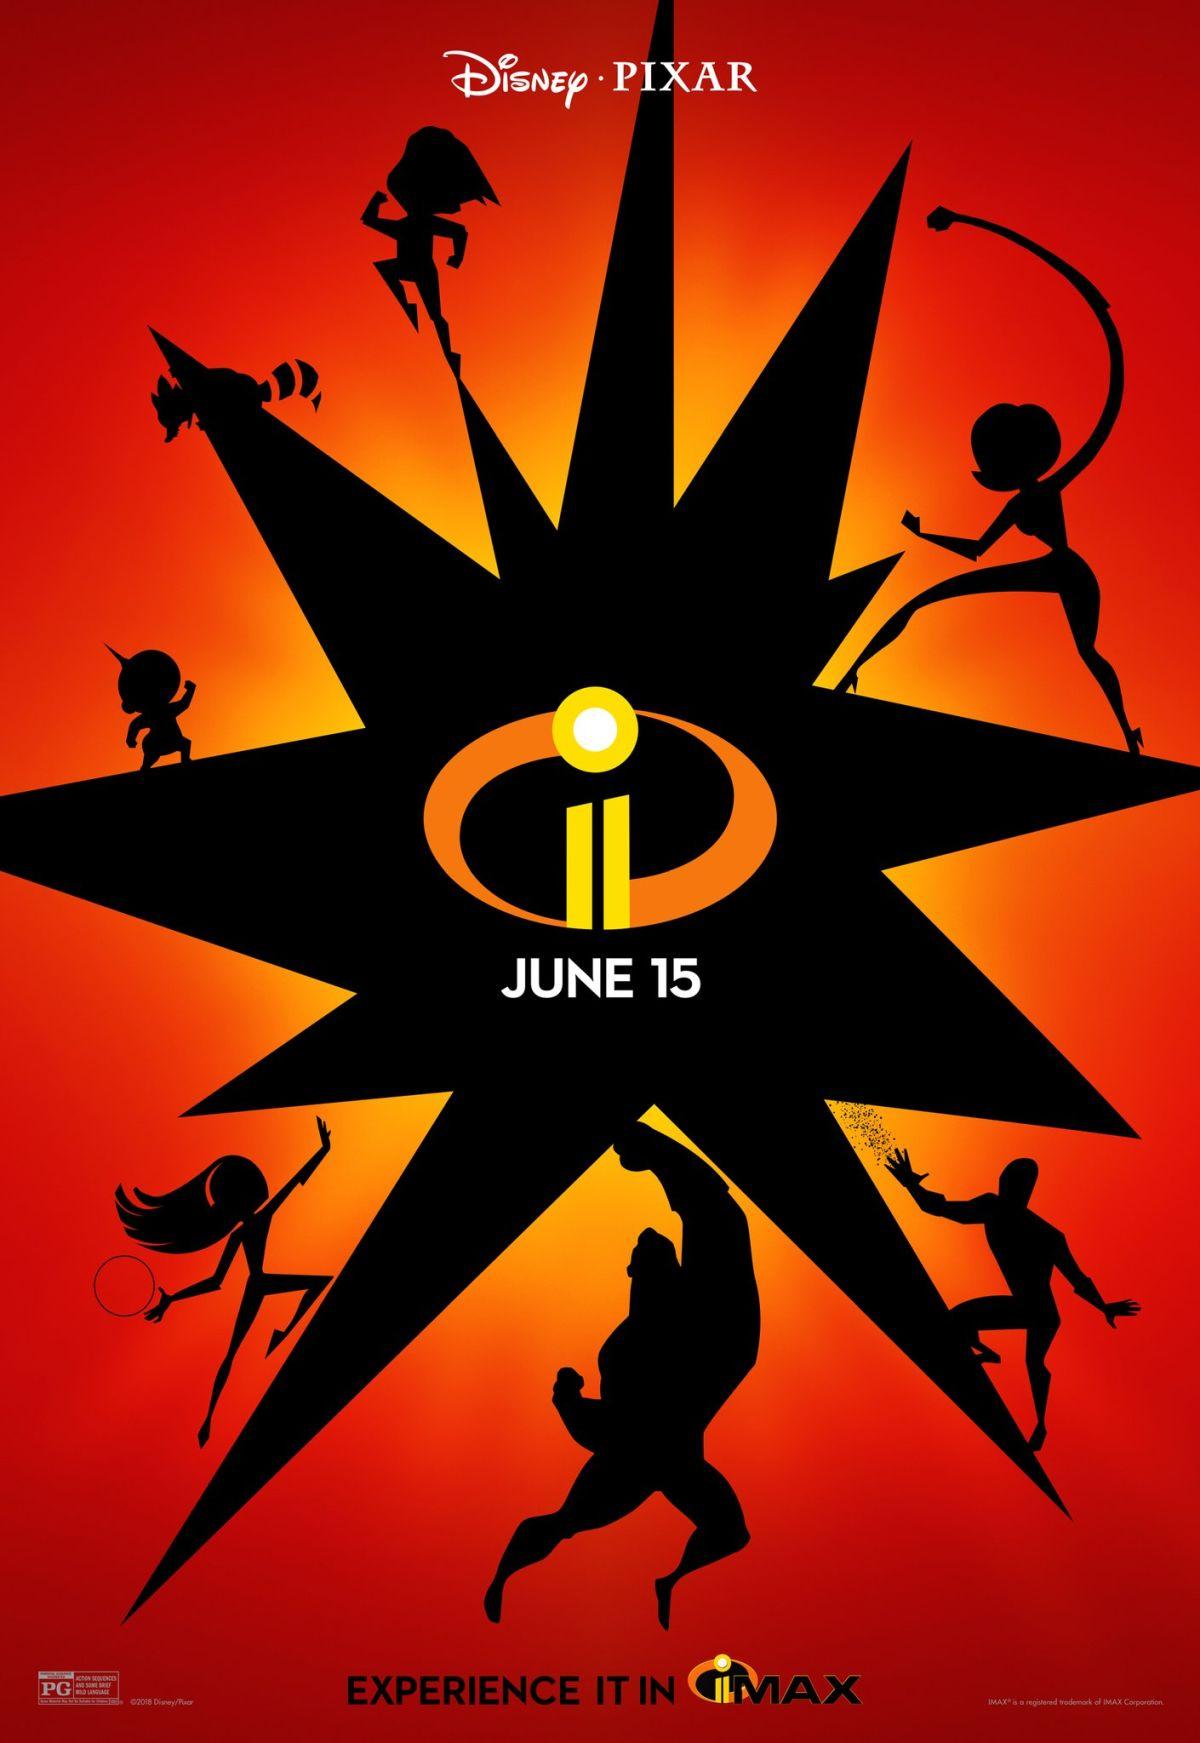 Gli incredibili 2: il poster della versione IMAX